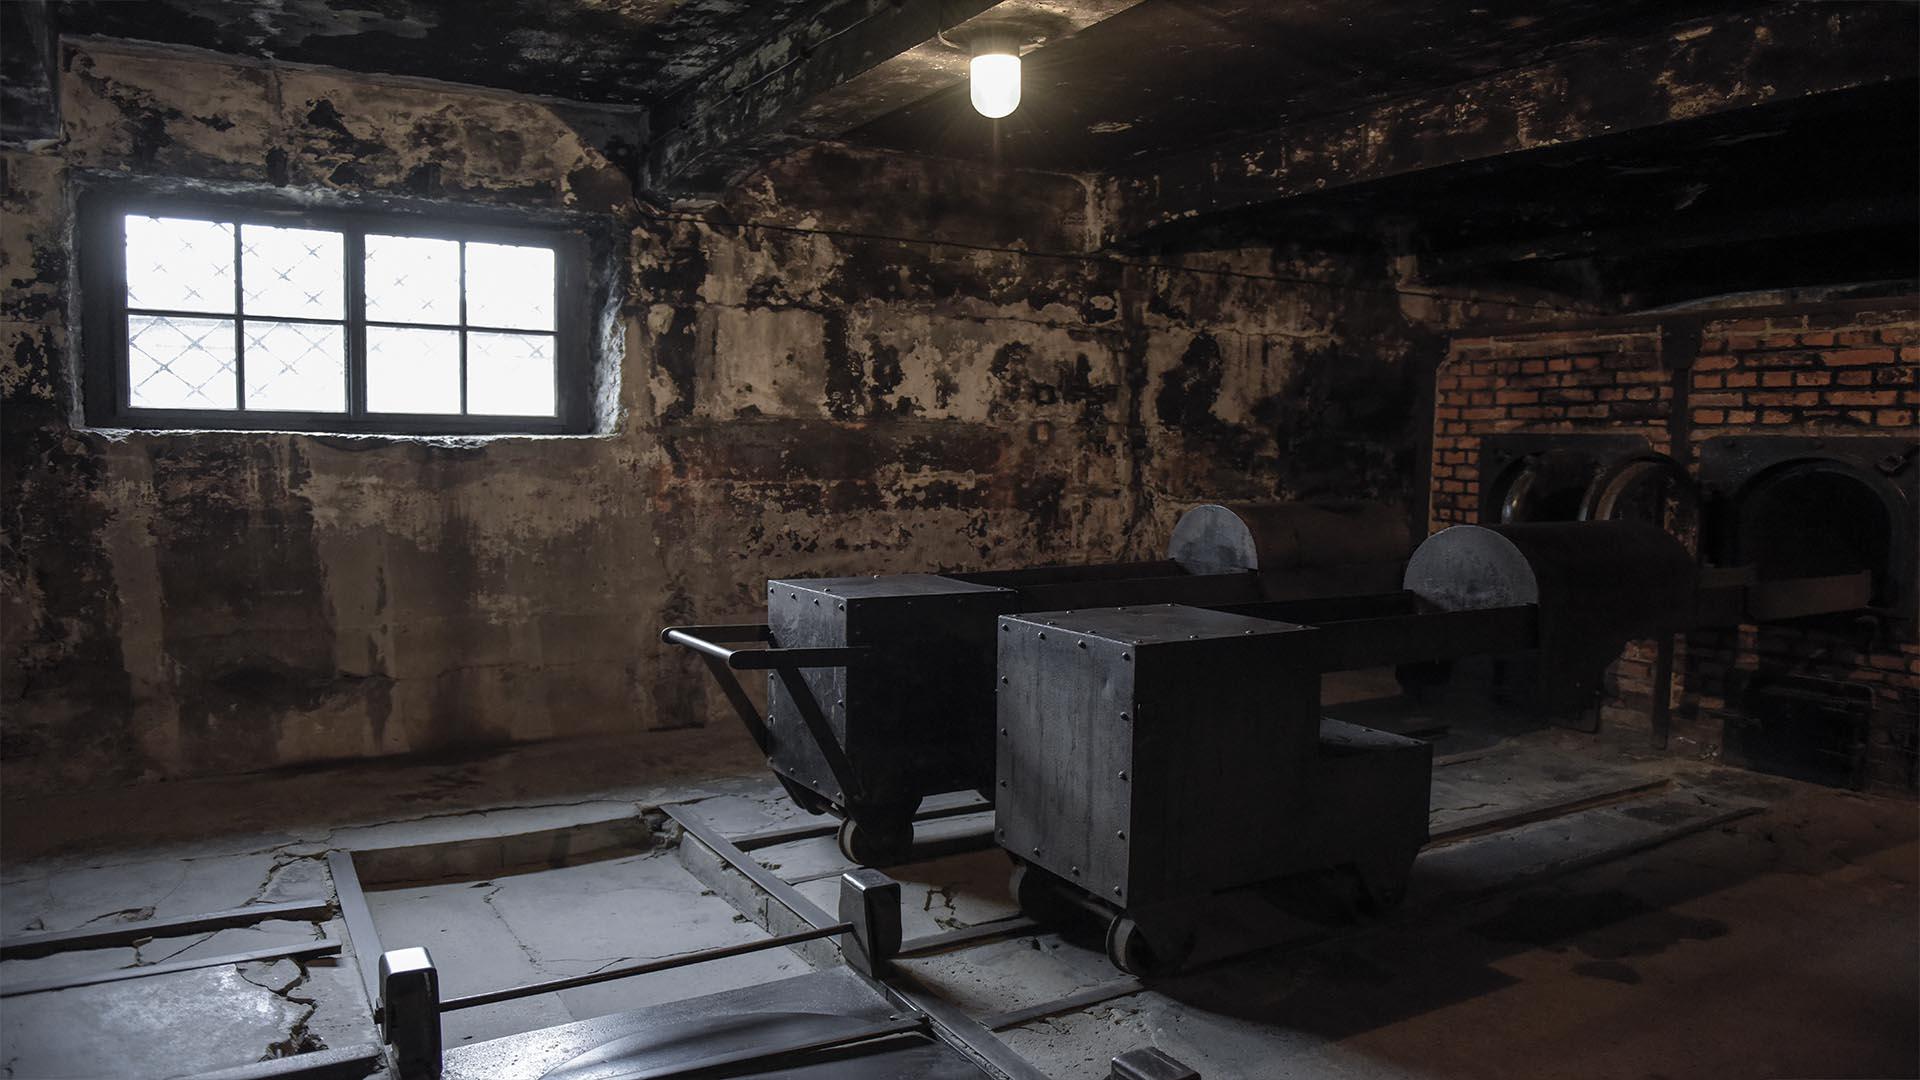 Cada lugar en Auschwitz permite dimensionar la escala de la tragedia